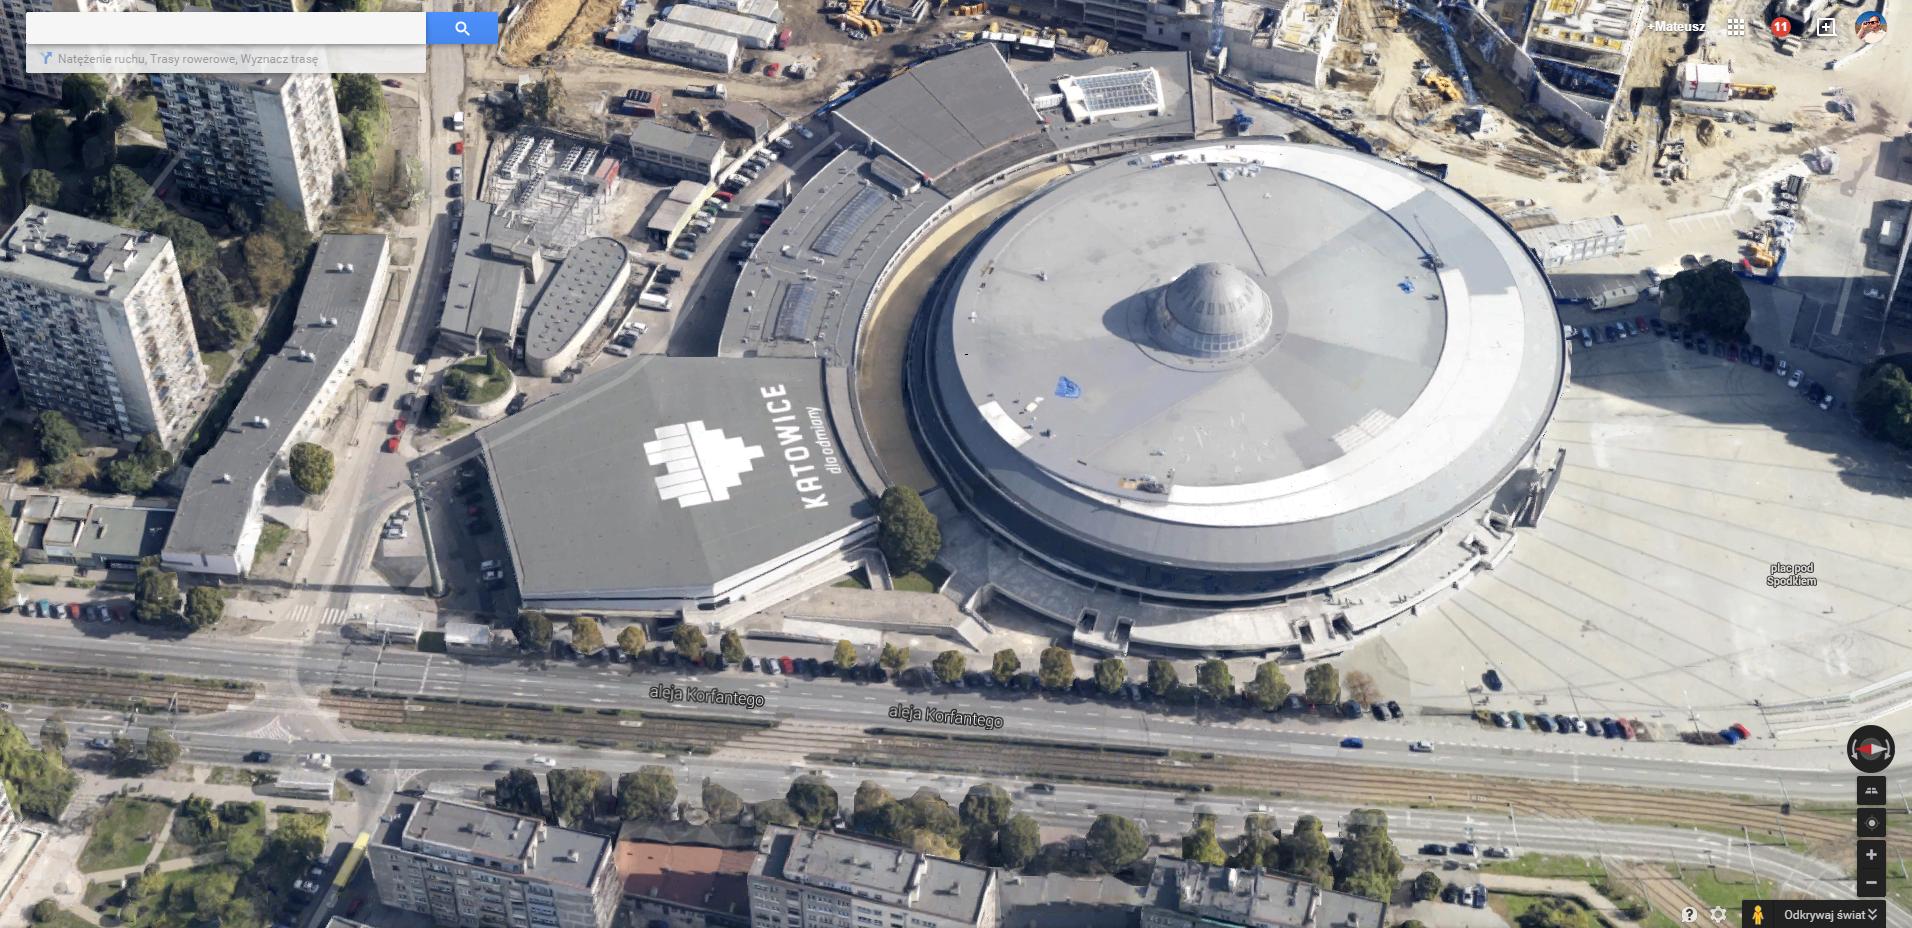 Pierwsza polska aglomeracja pojawiła się właśnie w Google Earth. Zobacz Śląsk z lotu ptaka